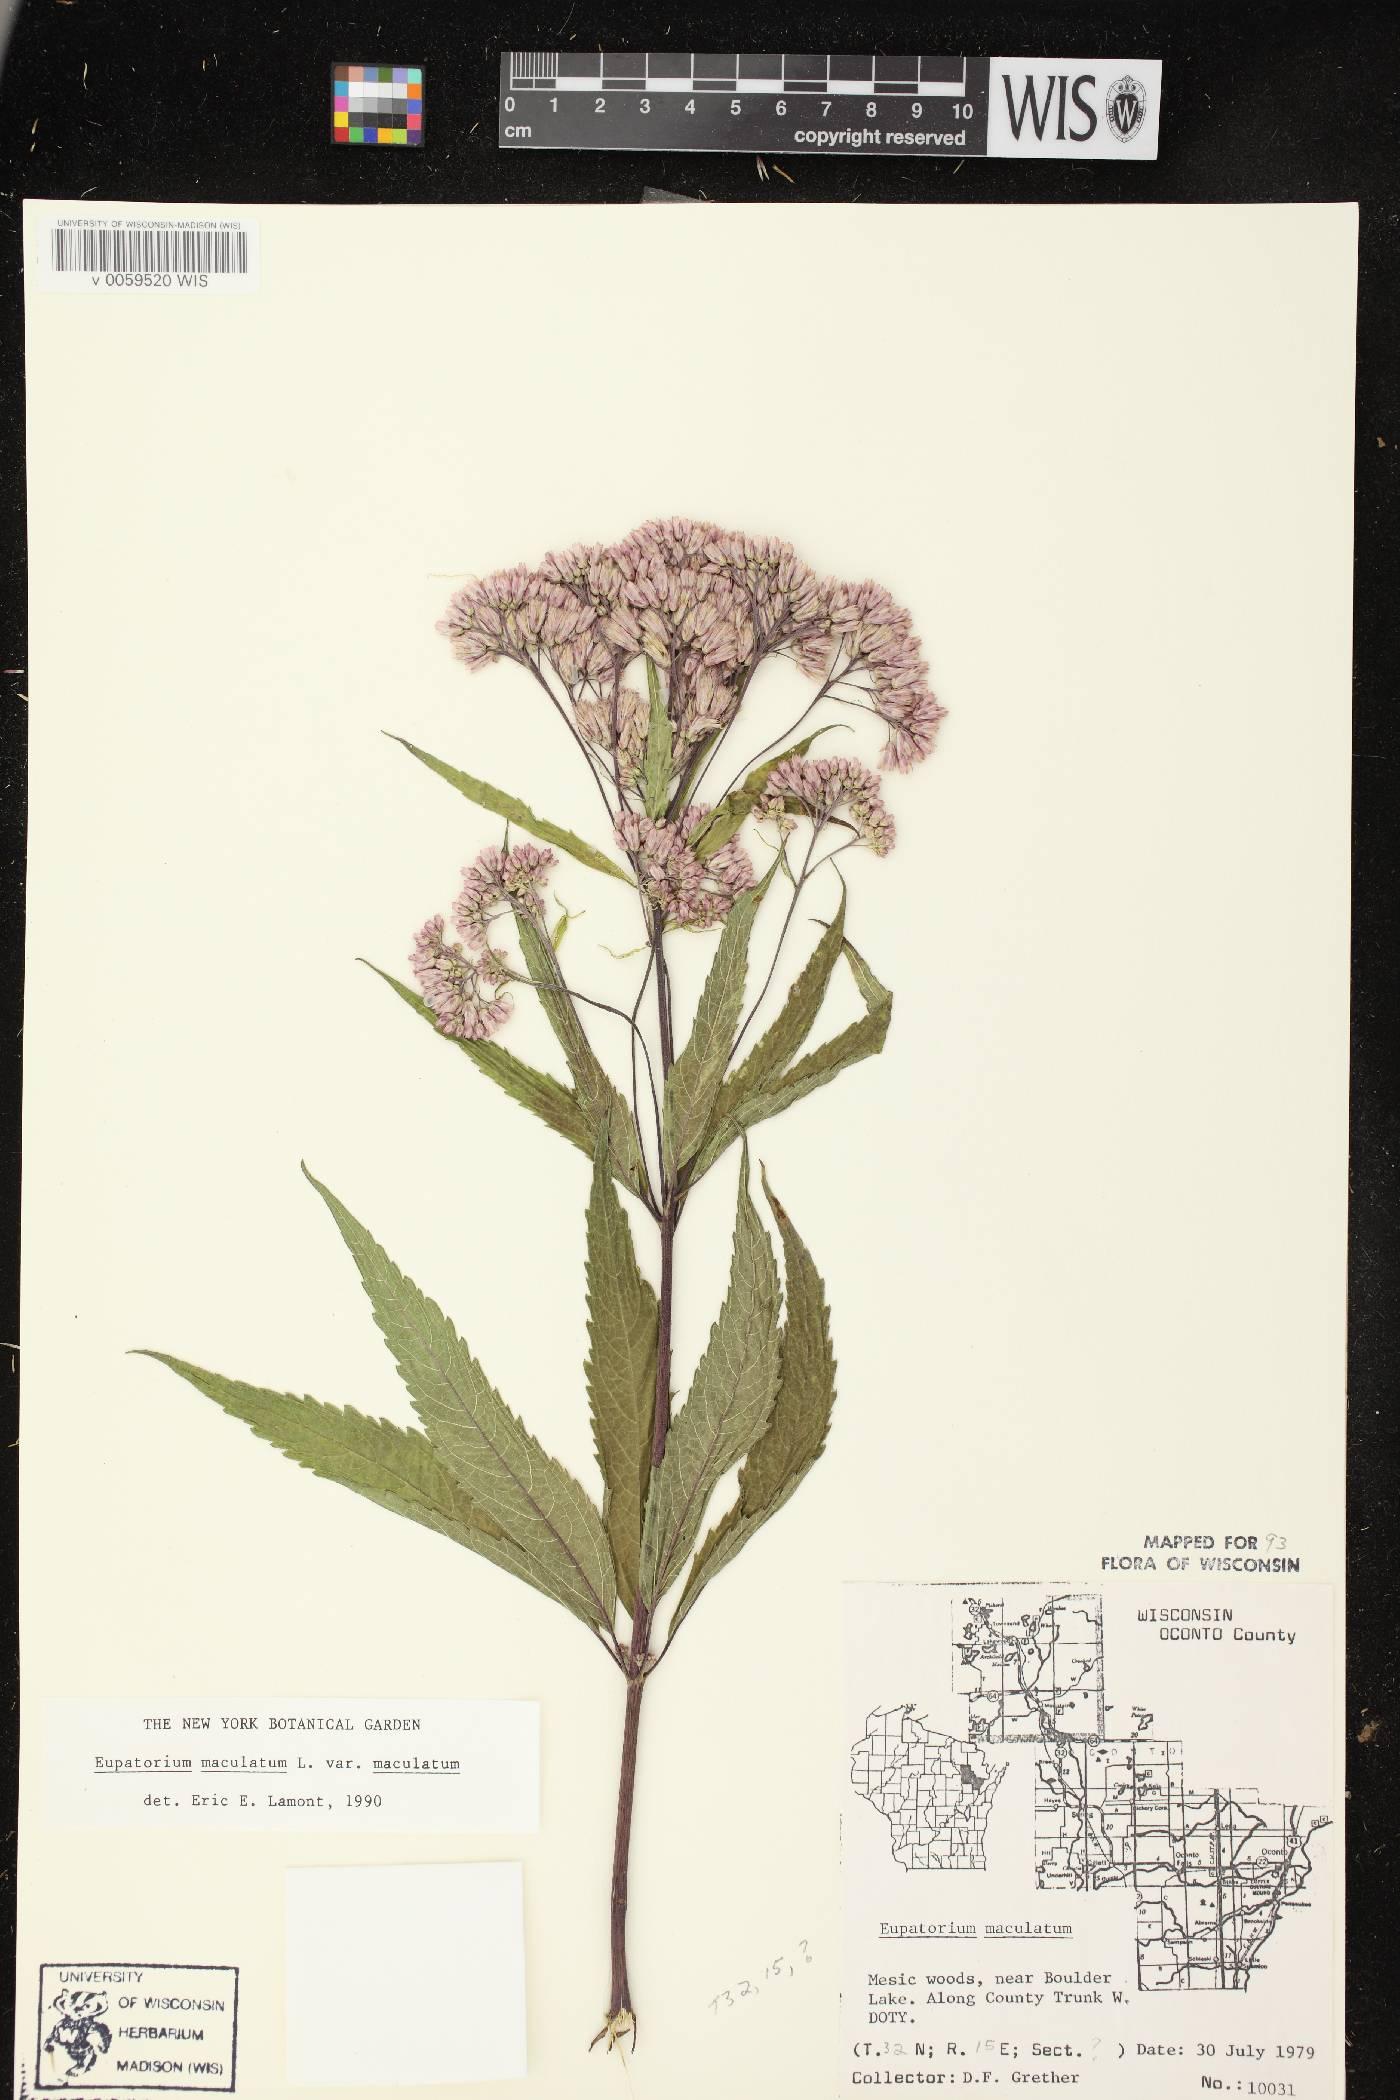 Eutrochium maculatum var. maculatum image